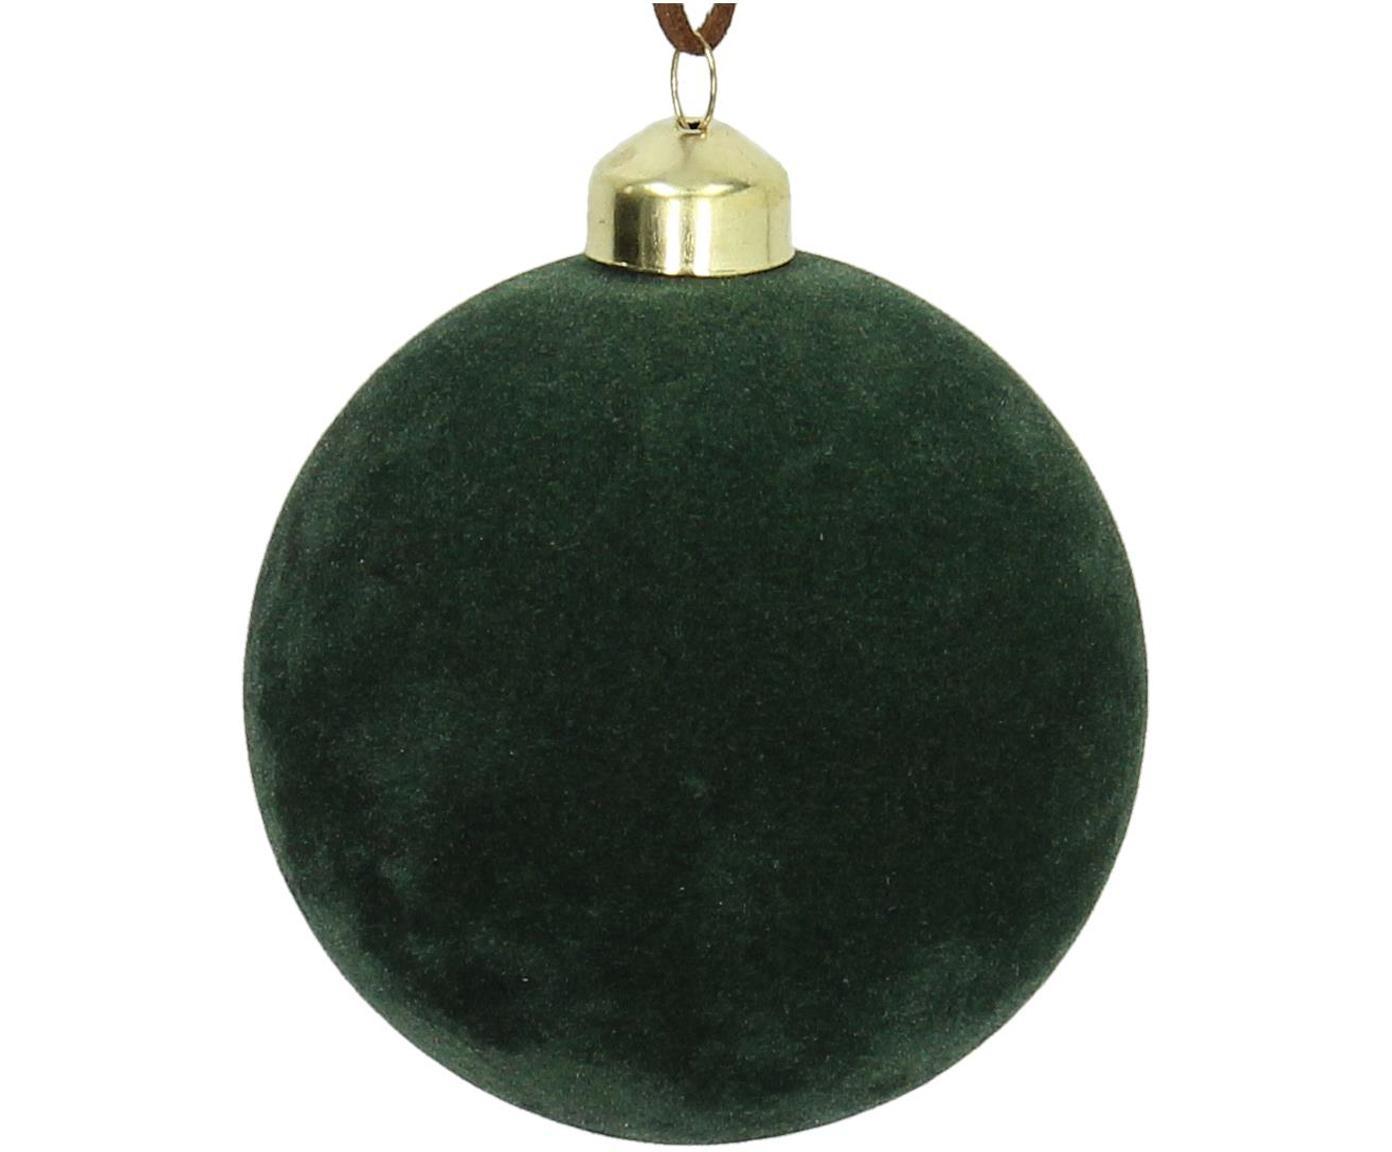 Fluwelen kerstballen Elvien, 4 stuks, Donkergroen, Ø 8 cm